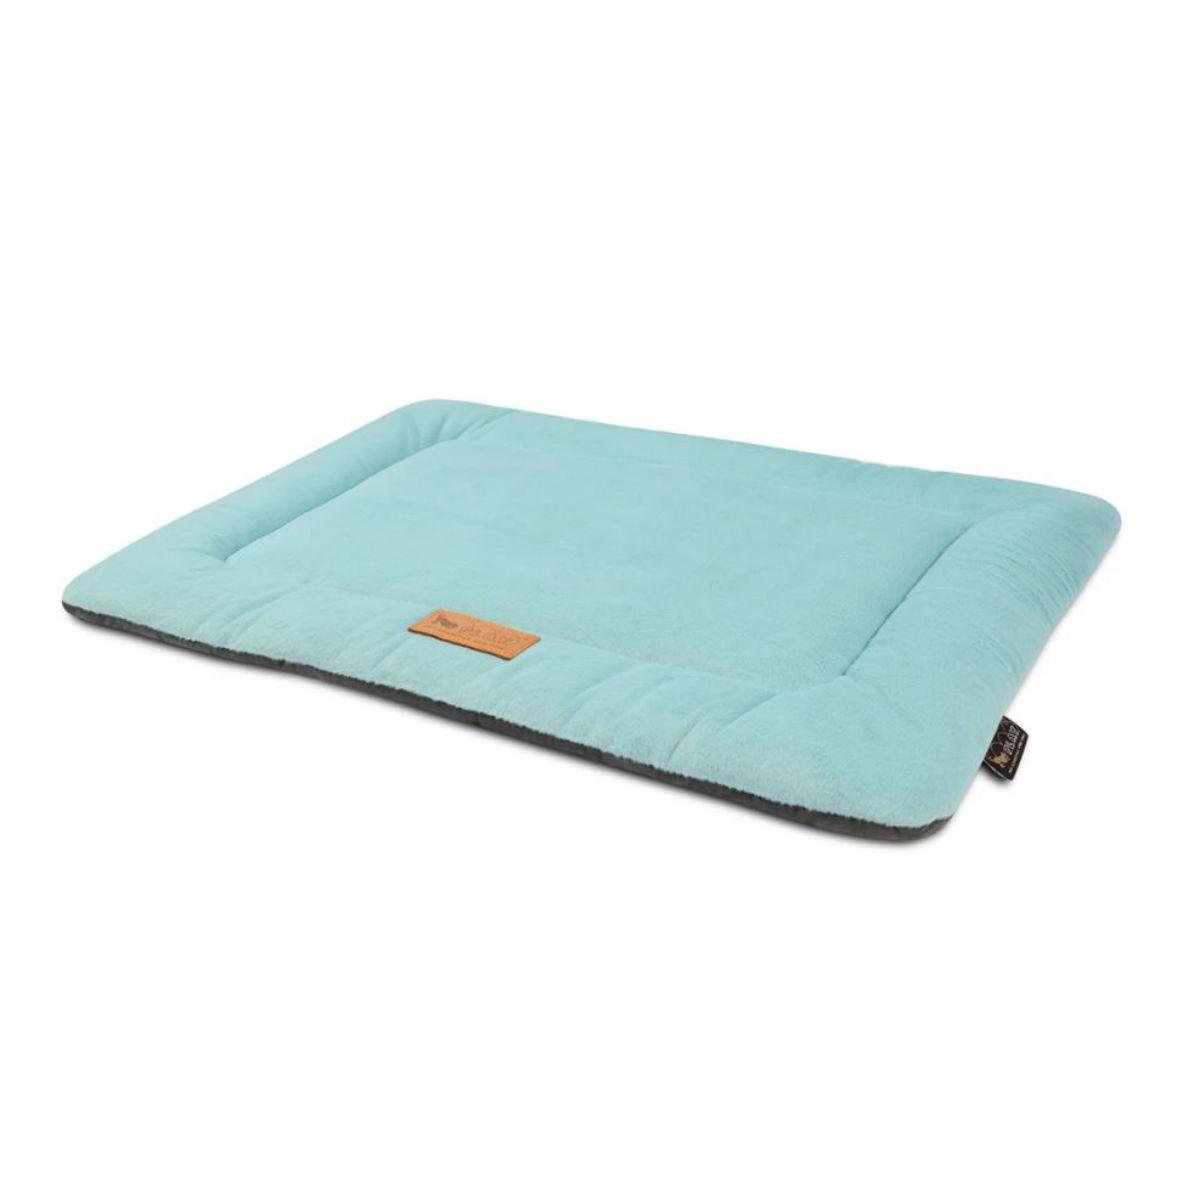 P.L.A.Y. Chill Pad Dog Bed - Aqua